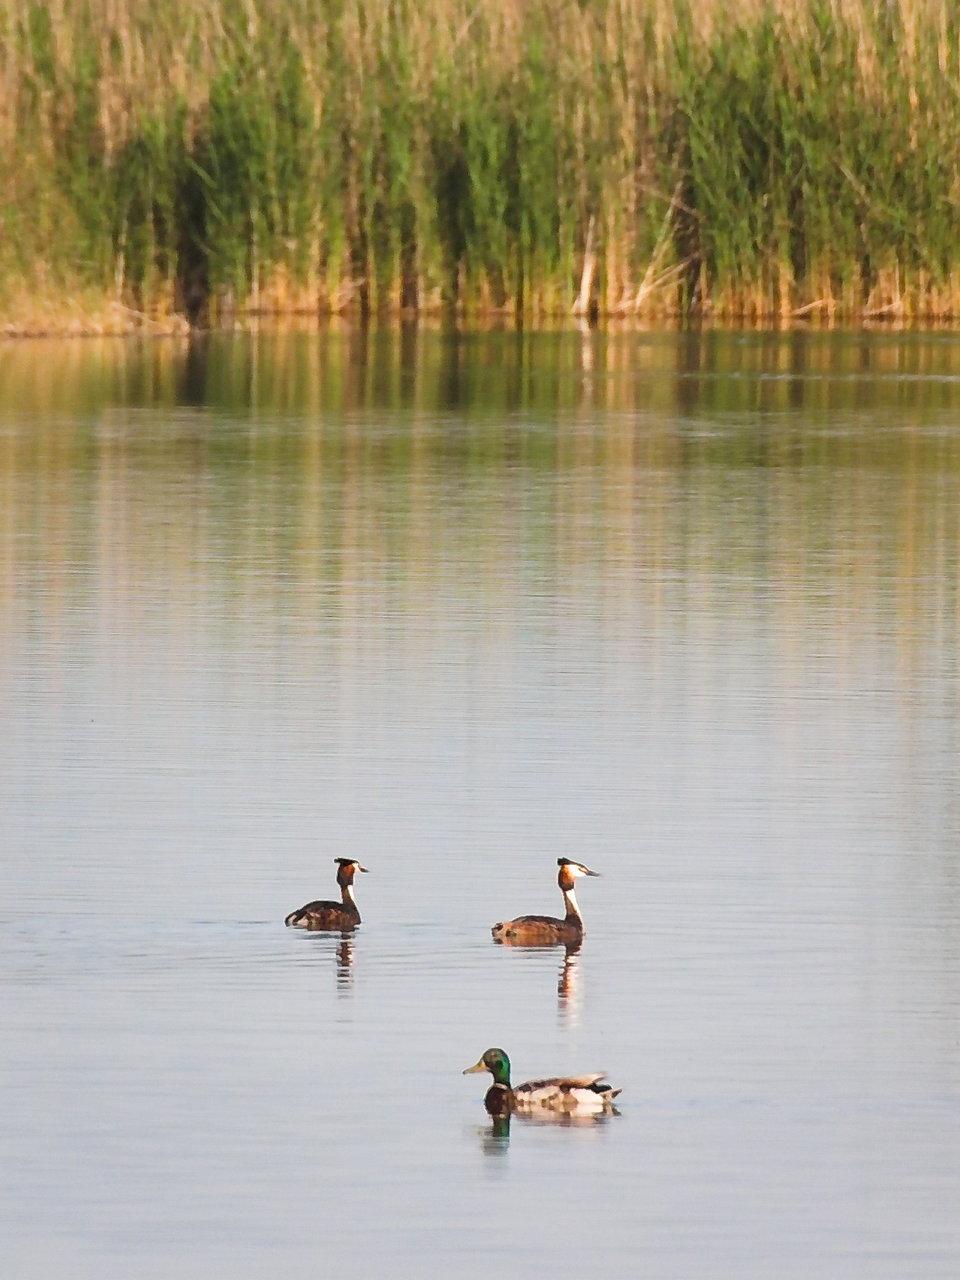 Kacsavonták találkozása tilos - pláne, hogy a felső kettő nem kacsa, hanem vöcsök